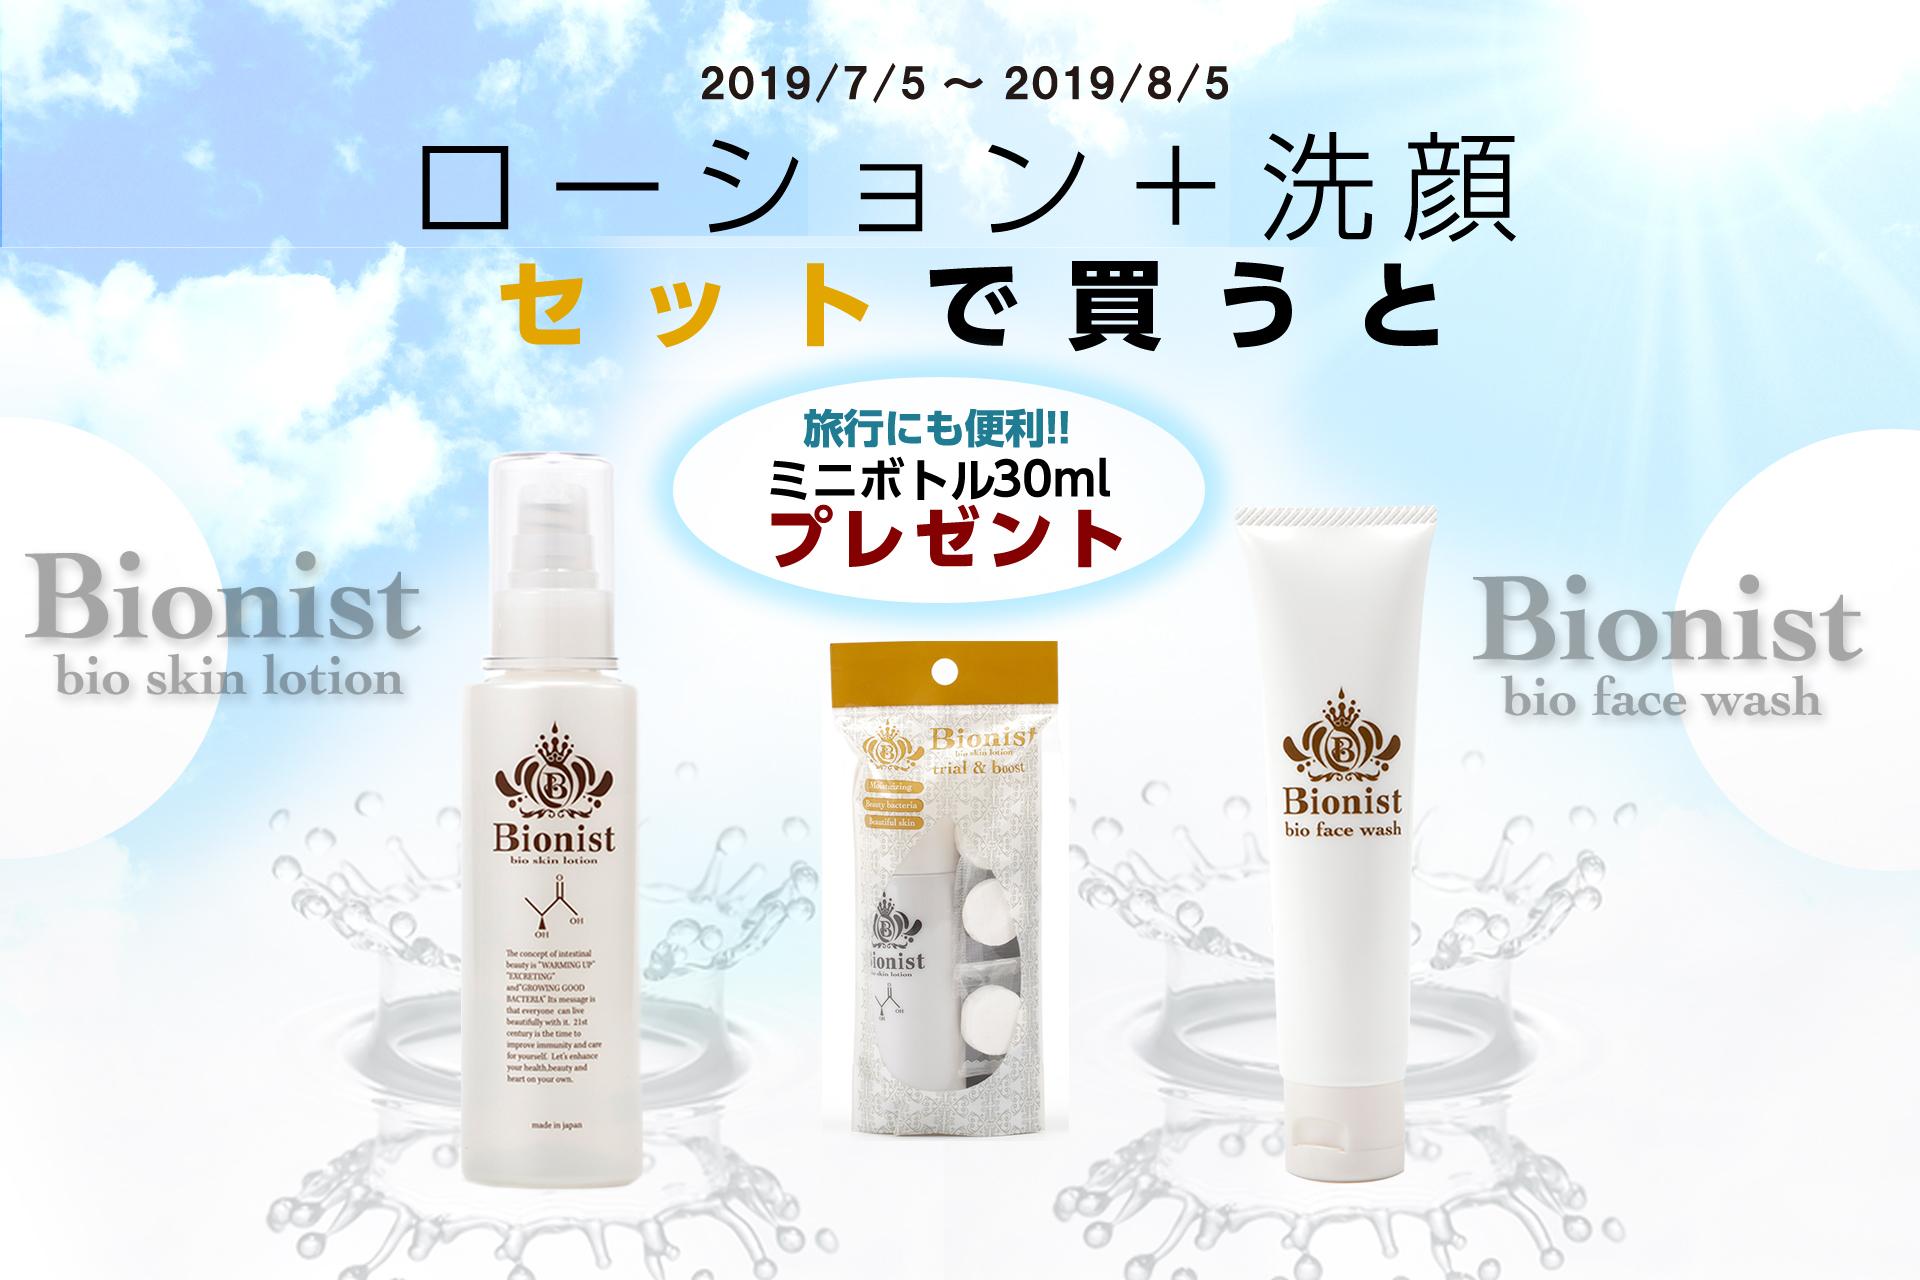 BIONIST贅沢キャンペーンセット【ローション30mL無料】